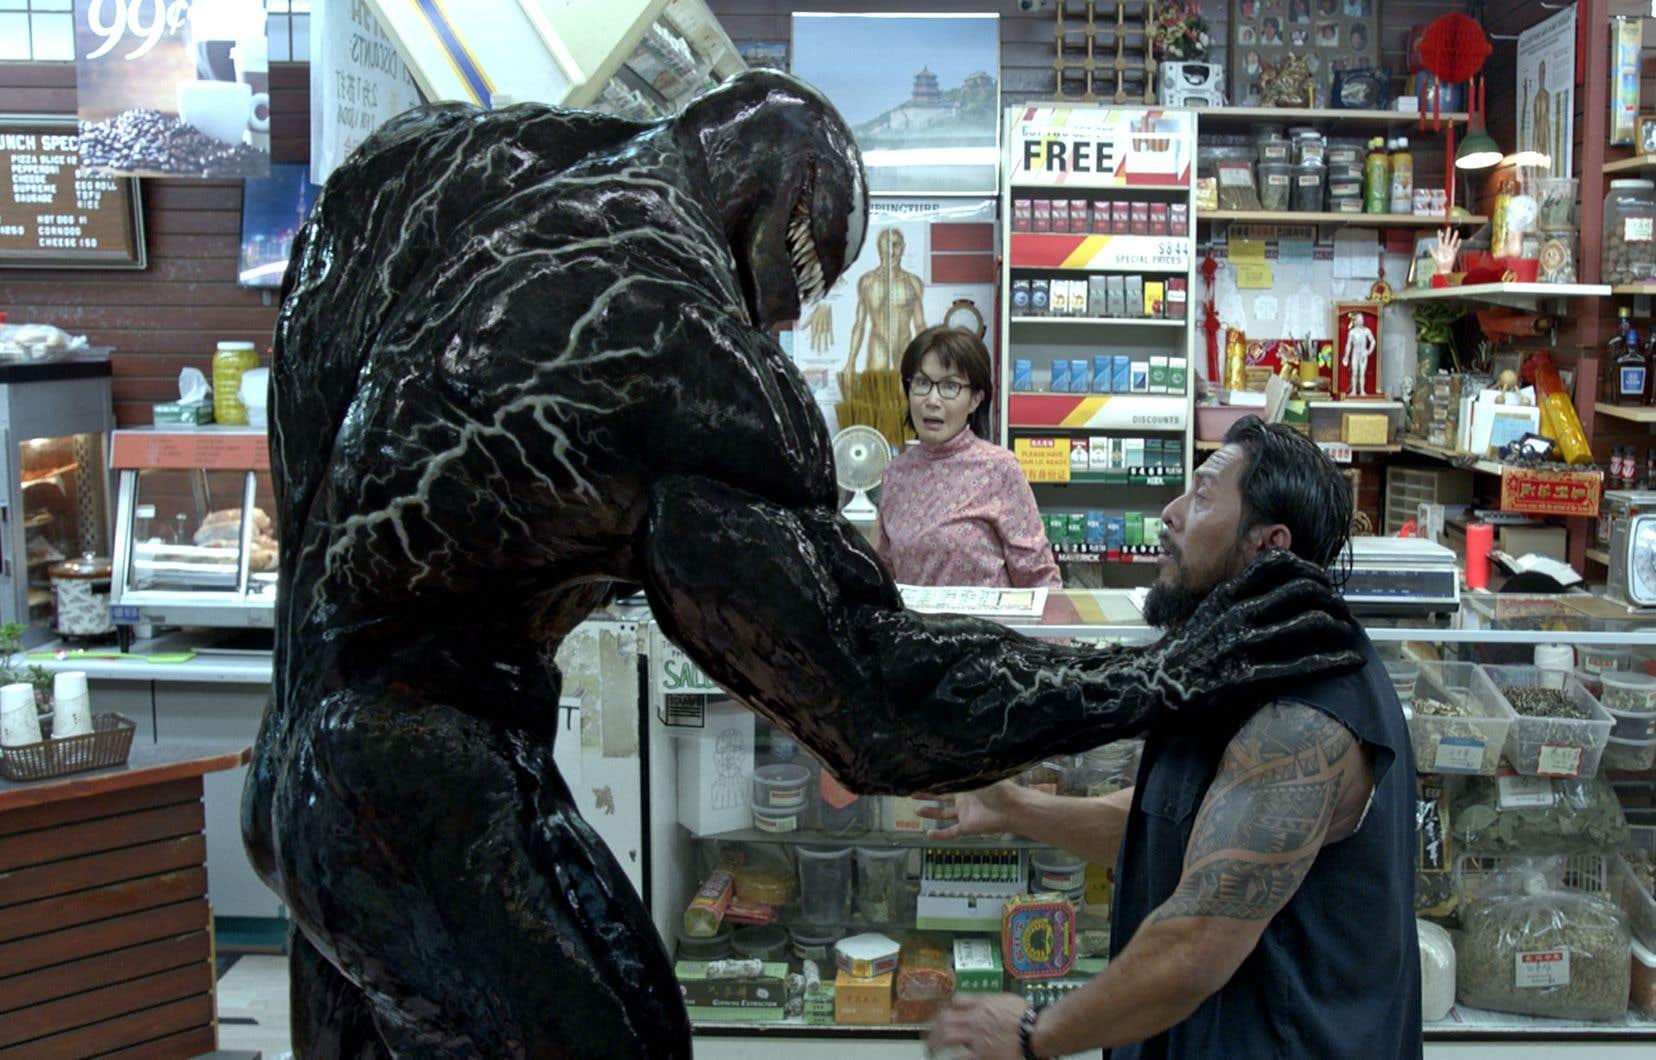 Venom, ce héros de stature modeste issu de la constellation Marvel, possède maintenant son propre carré de sable, ne vivant plus dans l'ombre de Spider-Man.